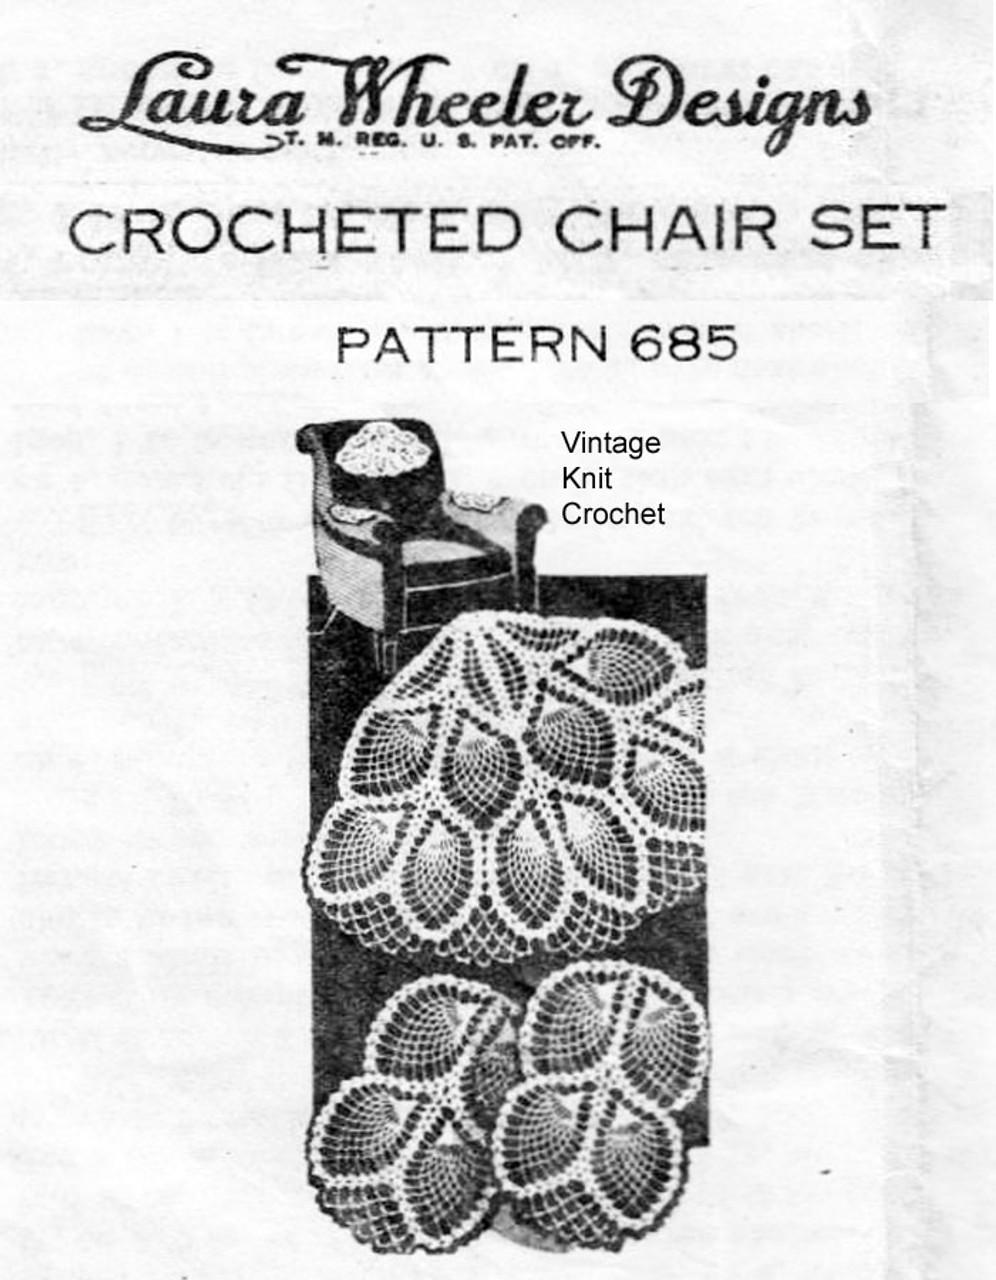 Pineapple Fan Crochet Chair Set Pattern Design 685